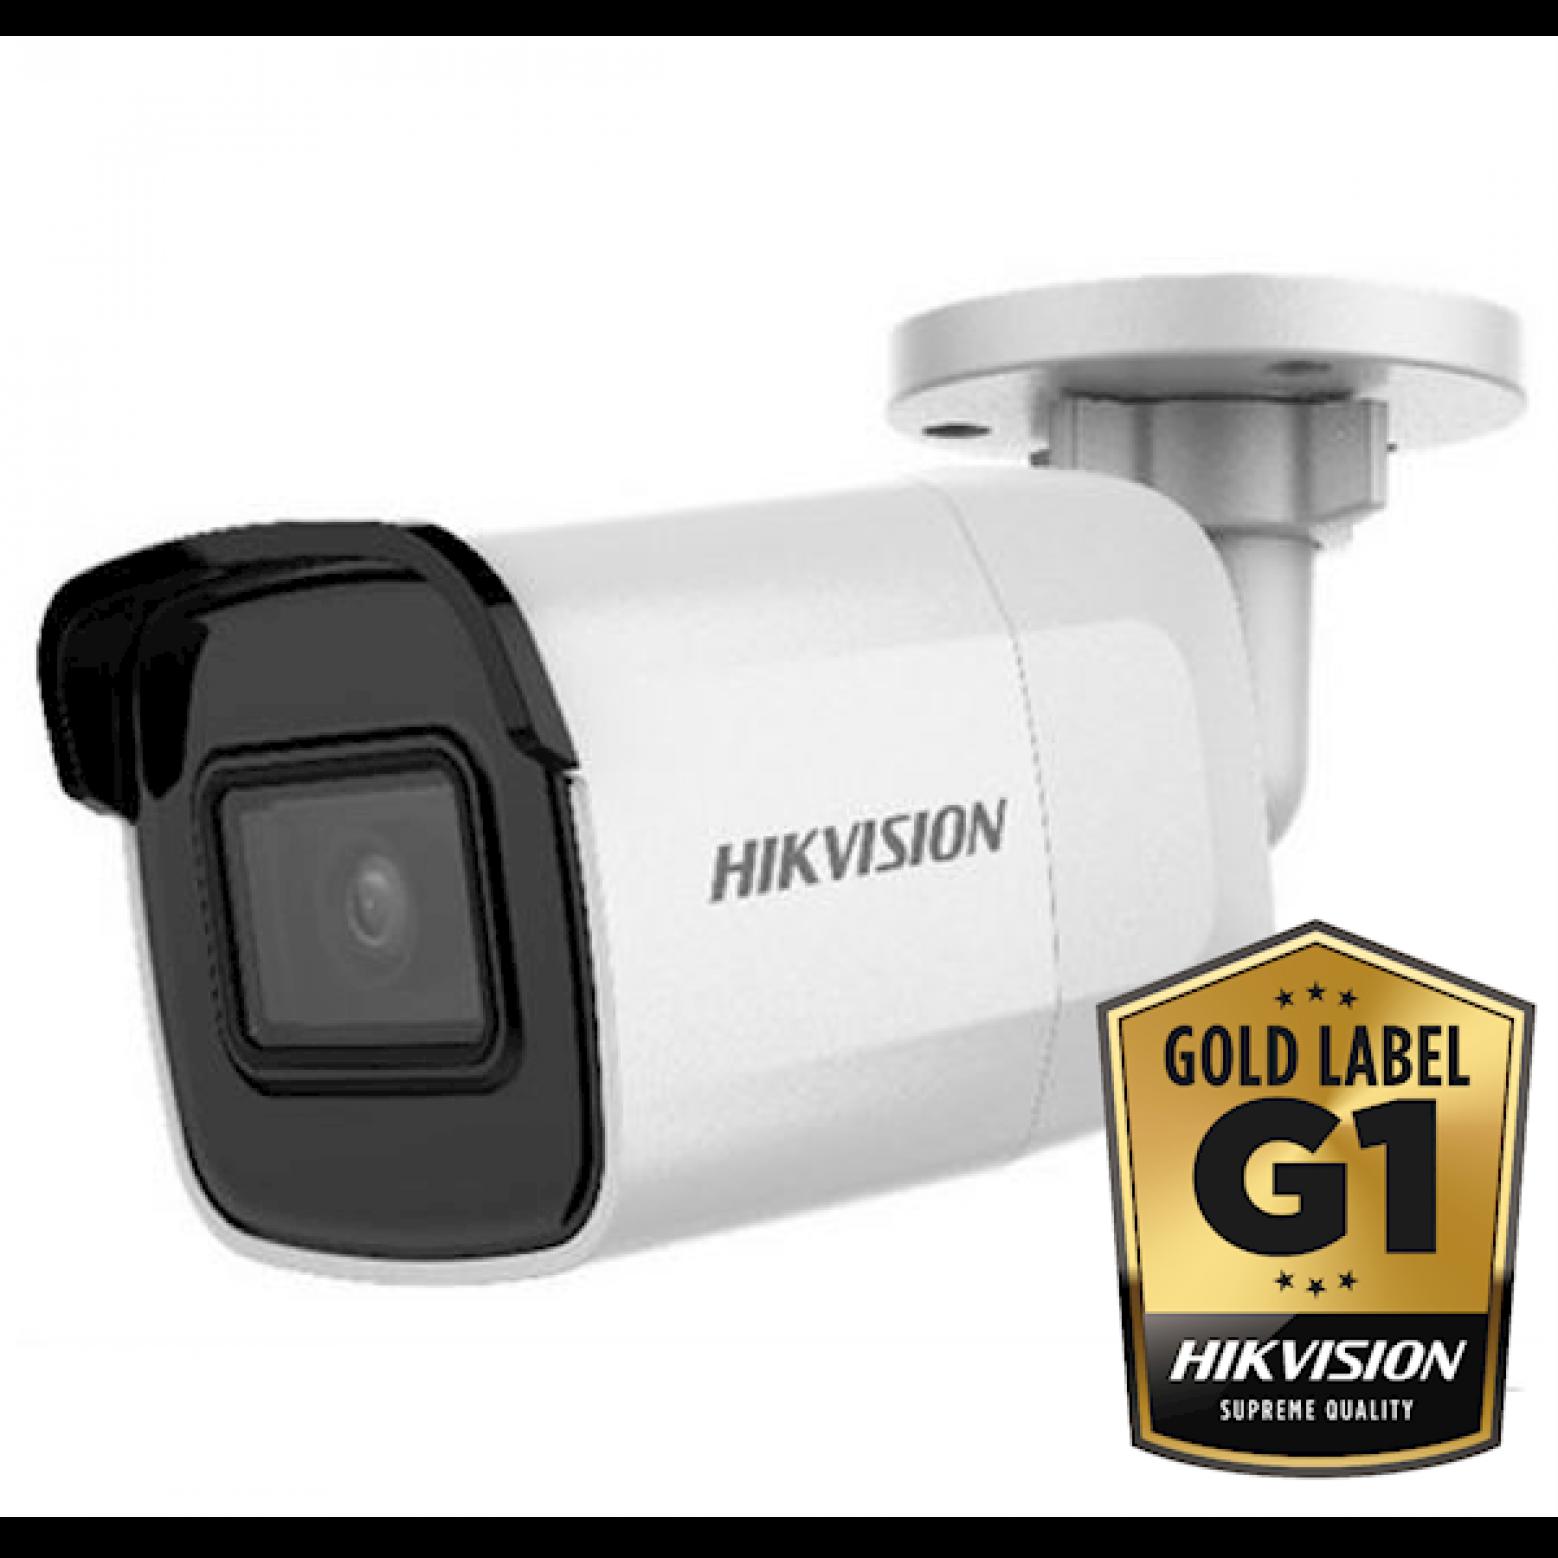 Hikvision DS-2CD2065FWD-I Ultra Low Light Bullet camera, 6 Megapixel, 30 meter IR, WDR